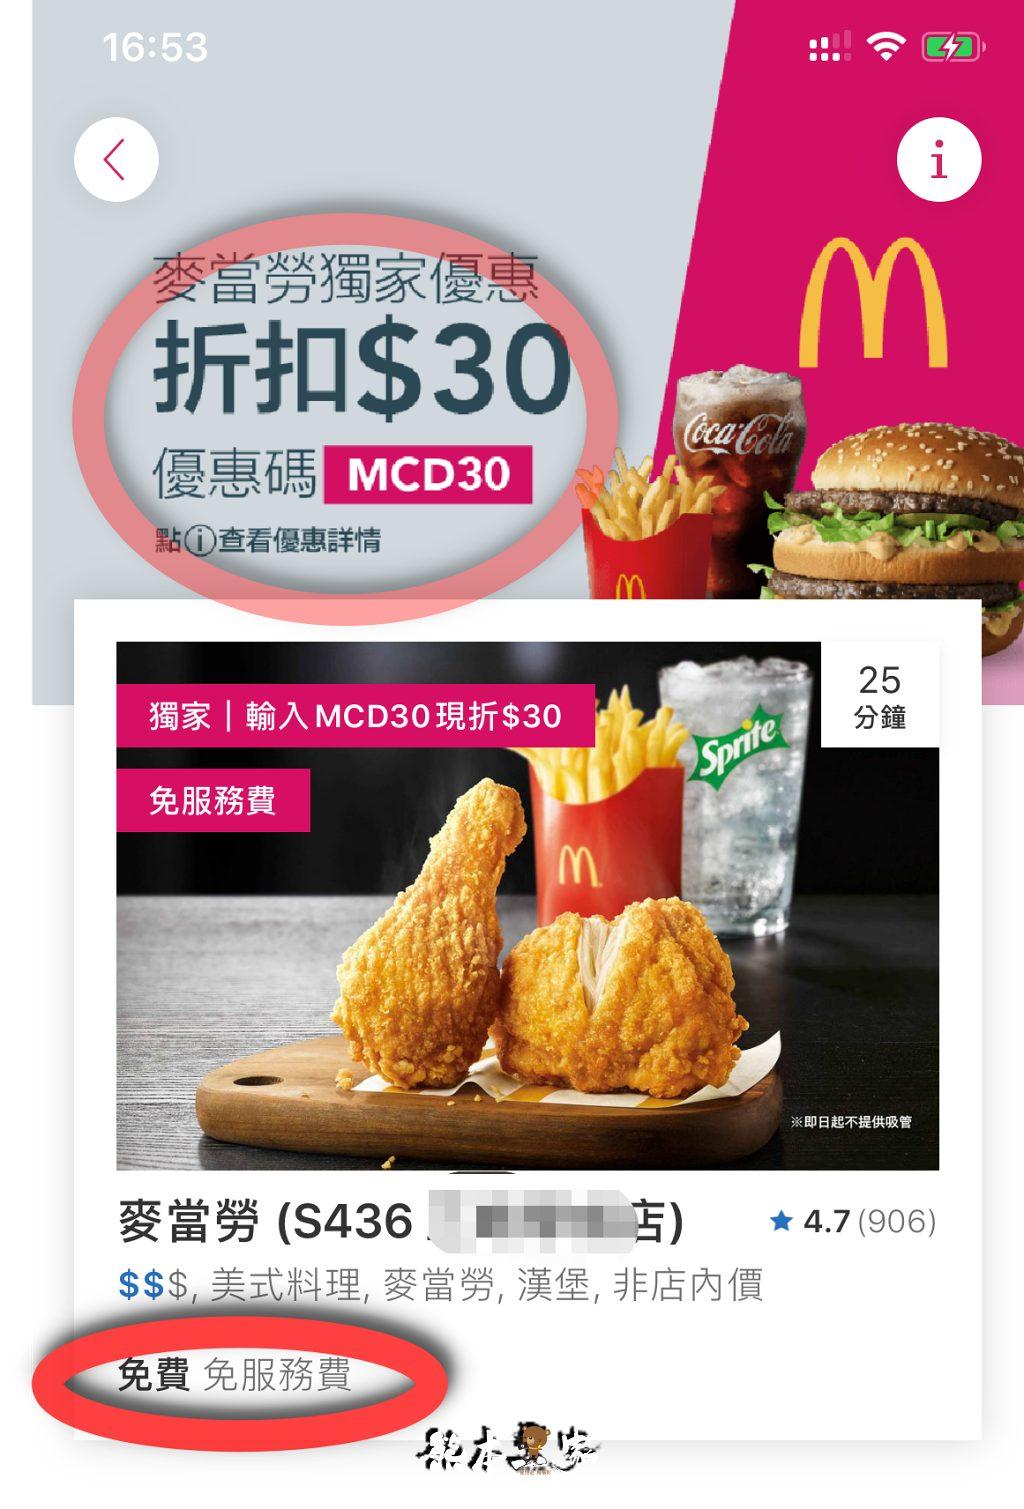 透過這優惠你知道用foodpanda外送麥當勞比現場買還便宜一半嗎